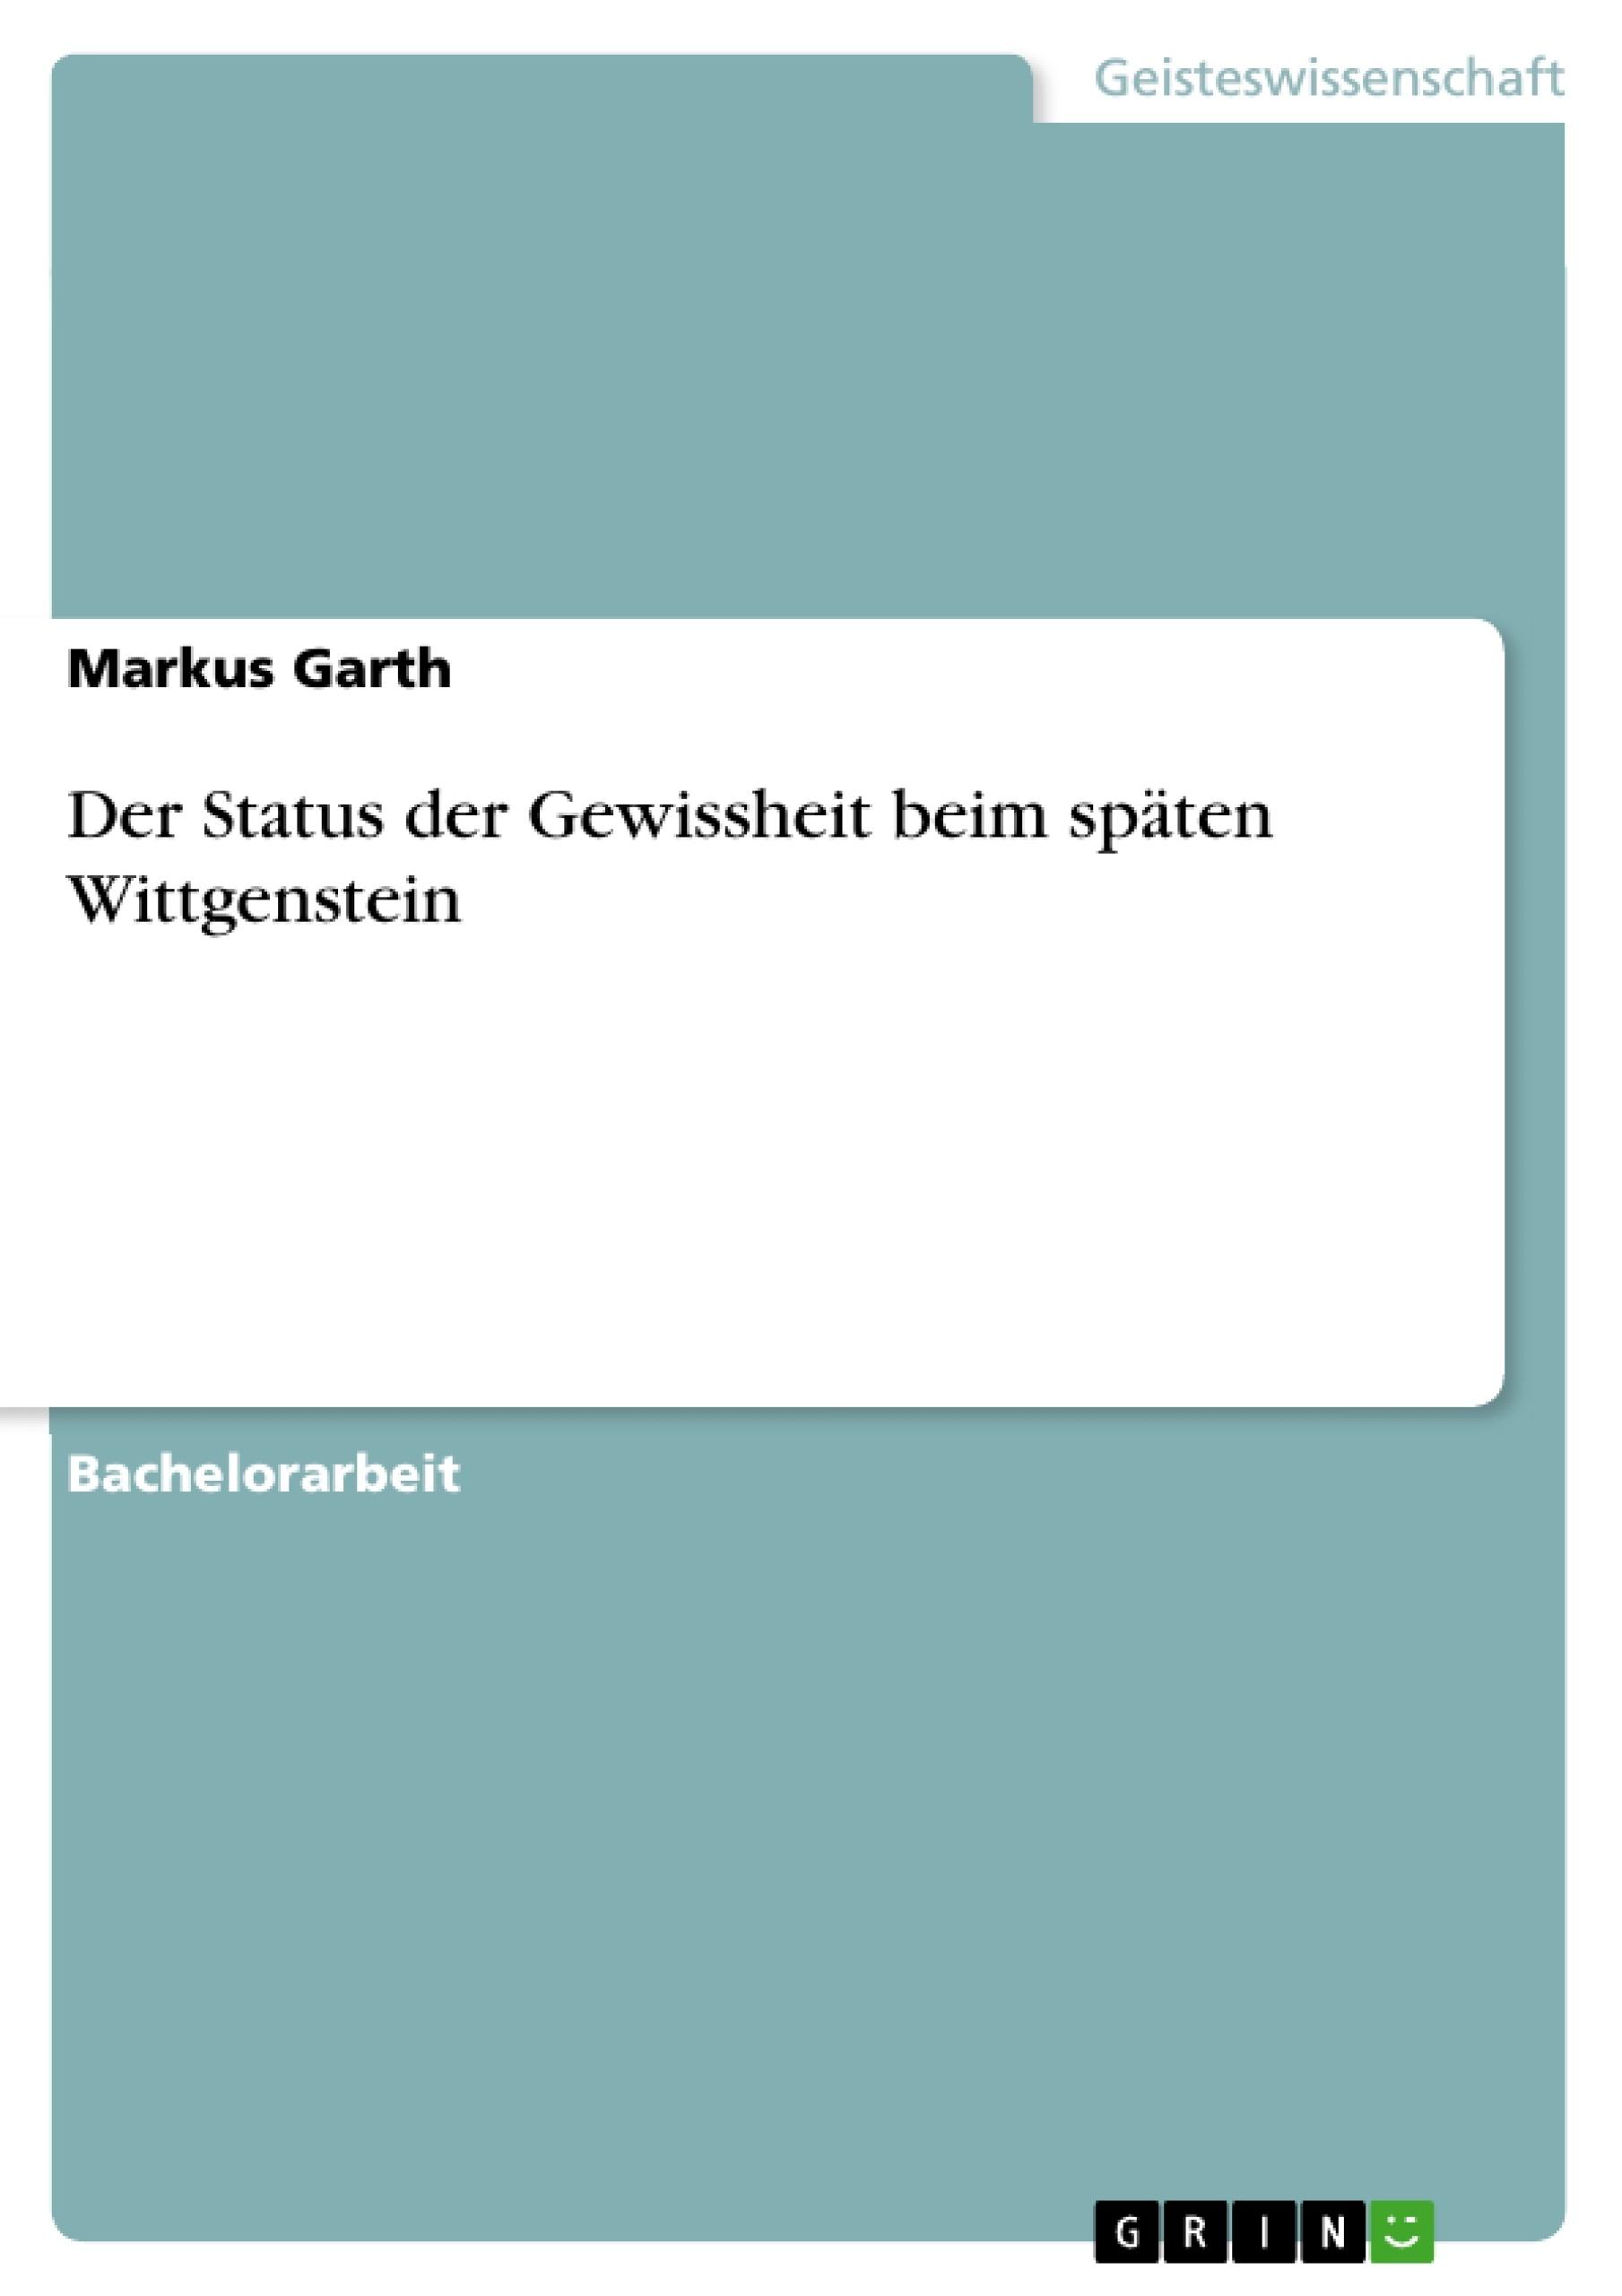 Der Status der Gewissheit beim späten Wittgenstein   Masterarbeit ...